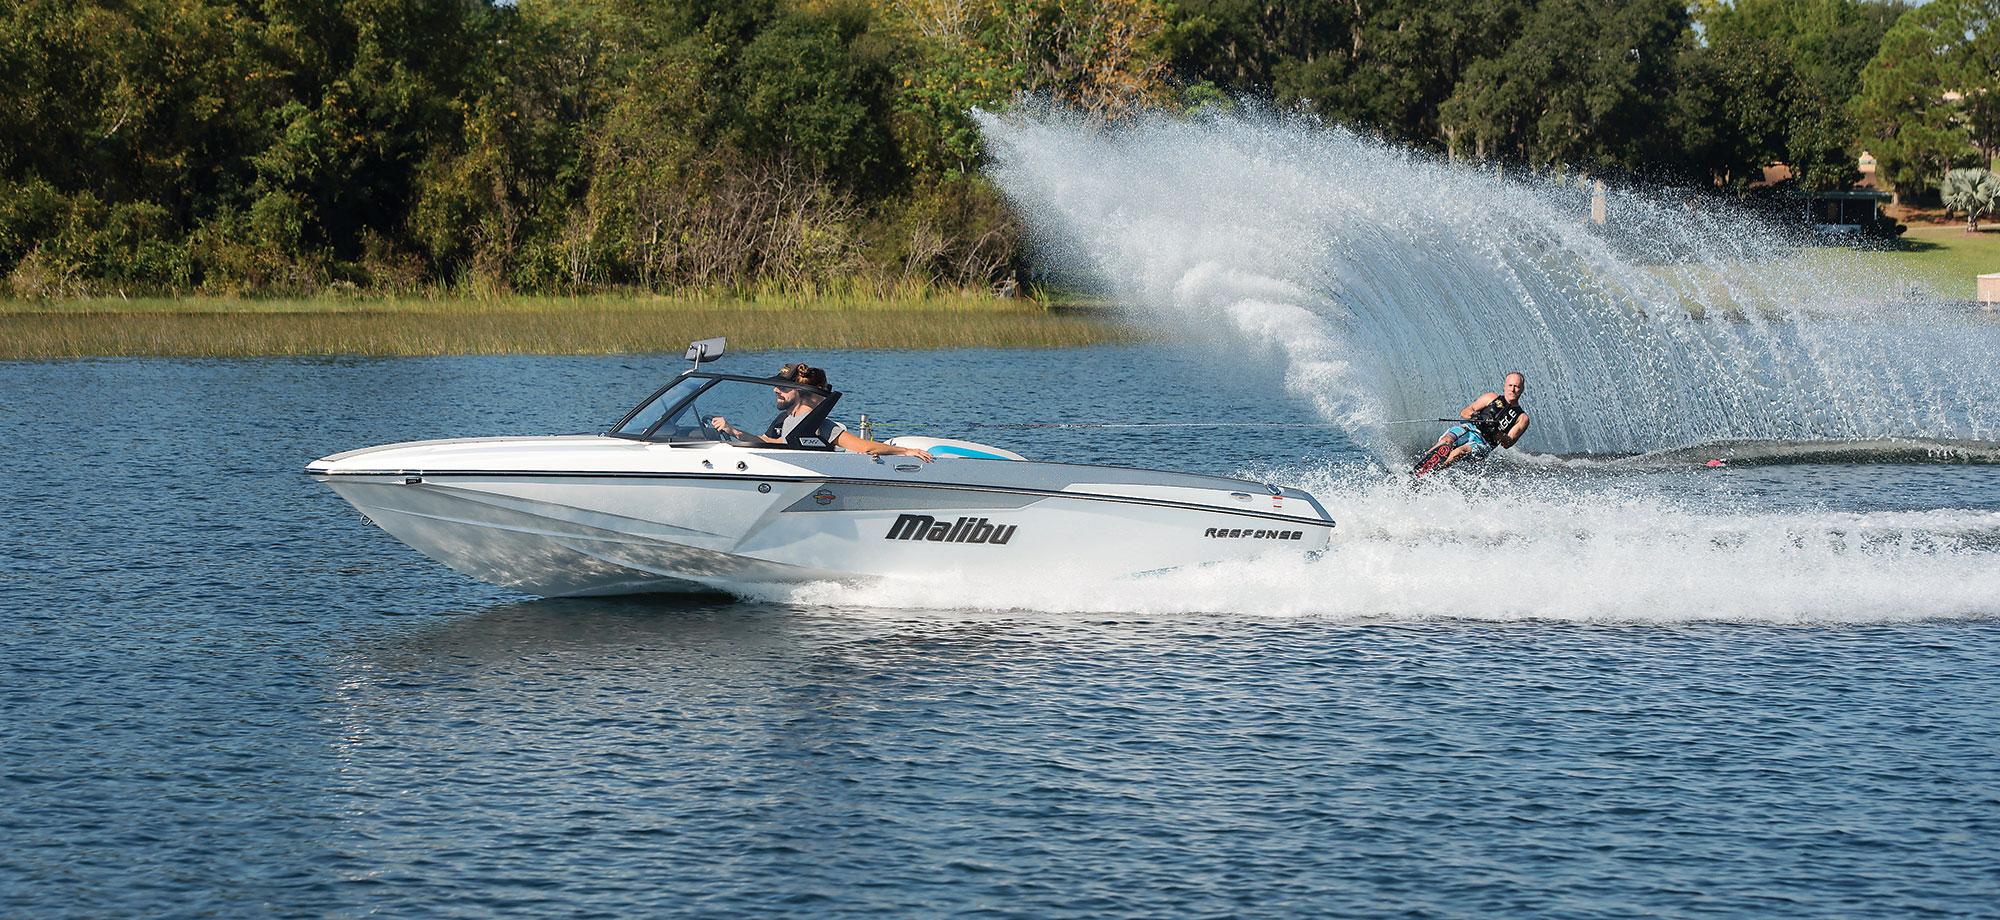 Water ski boat ski or wake 4 flea